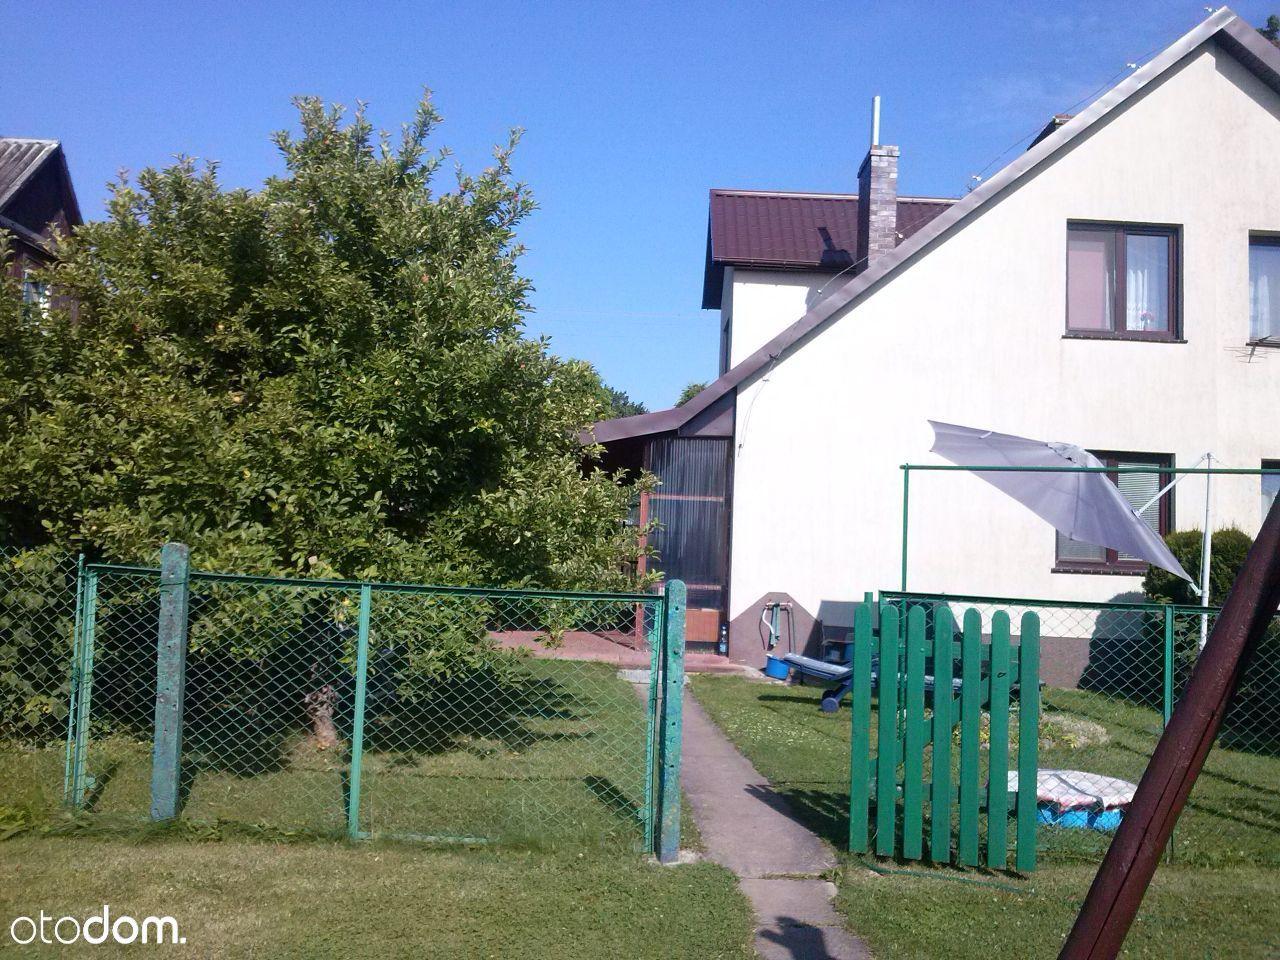 Dom na sprzedaż, Burbiszki, sejneński, podlaskie - Foto 2